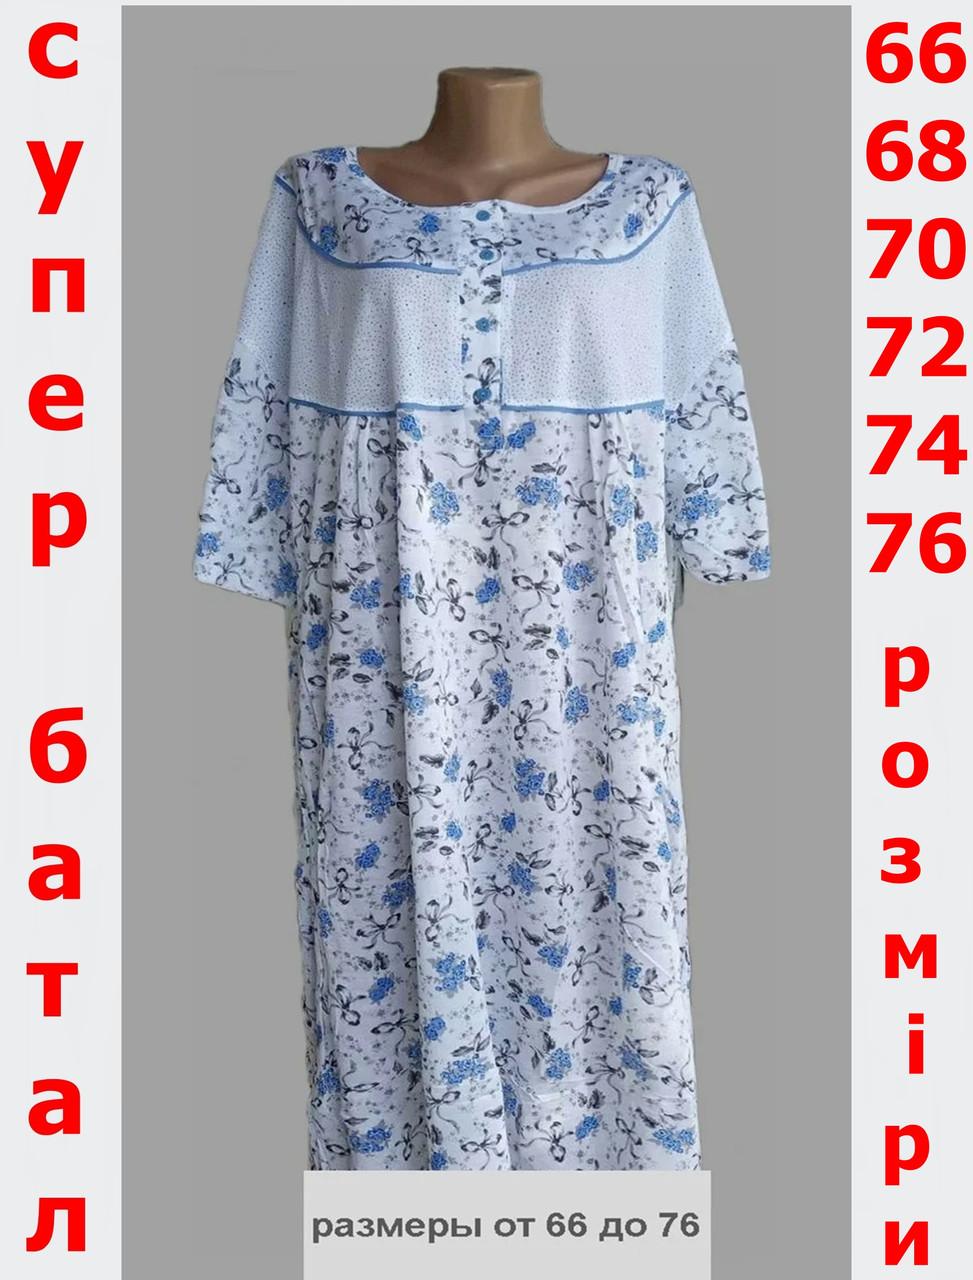 Ночная рубашка от 66 до 76  большие размеры